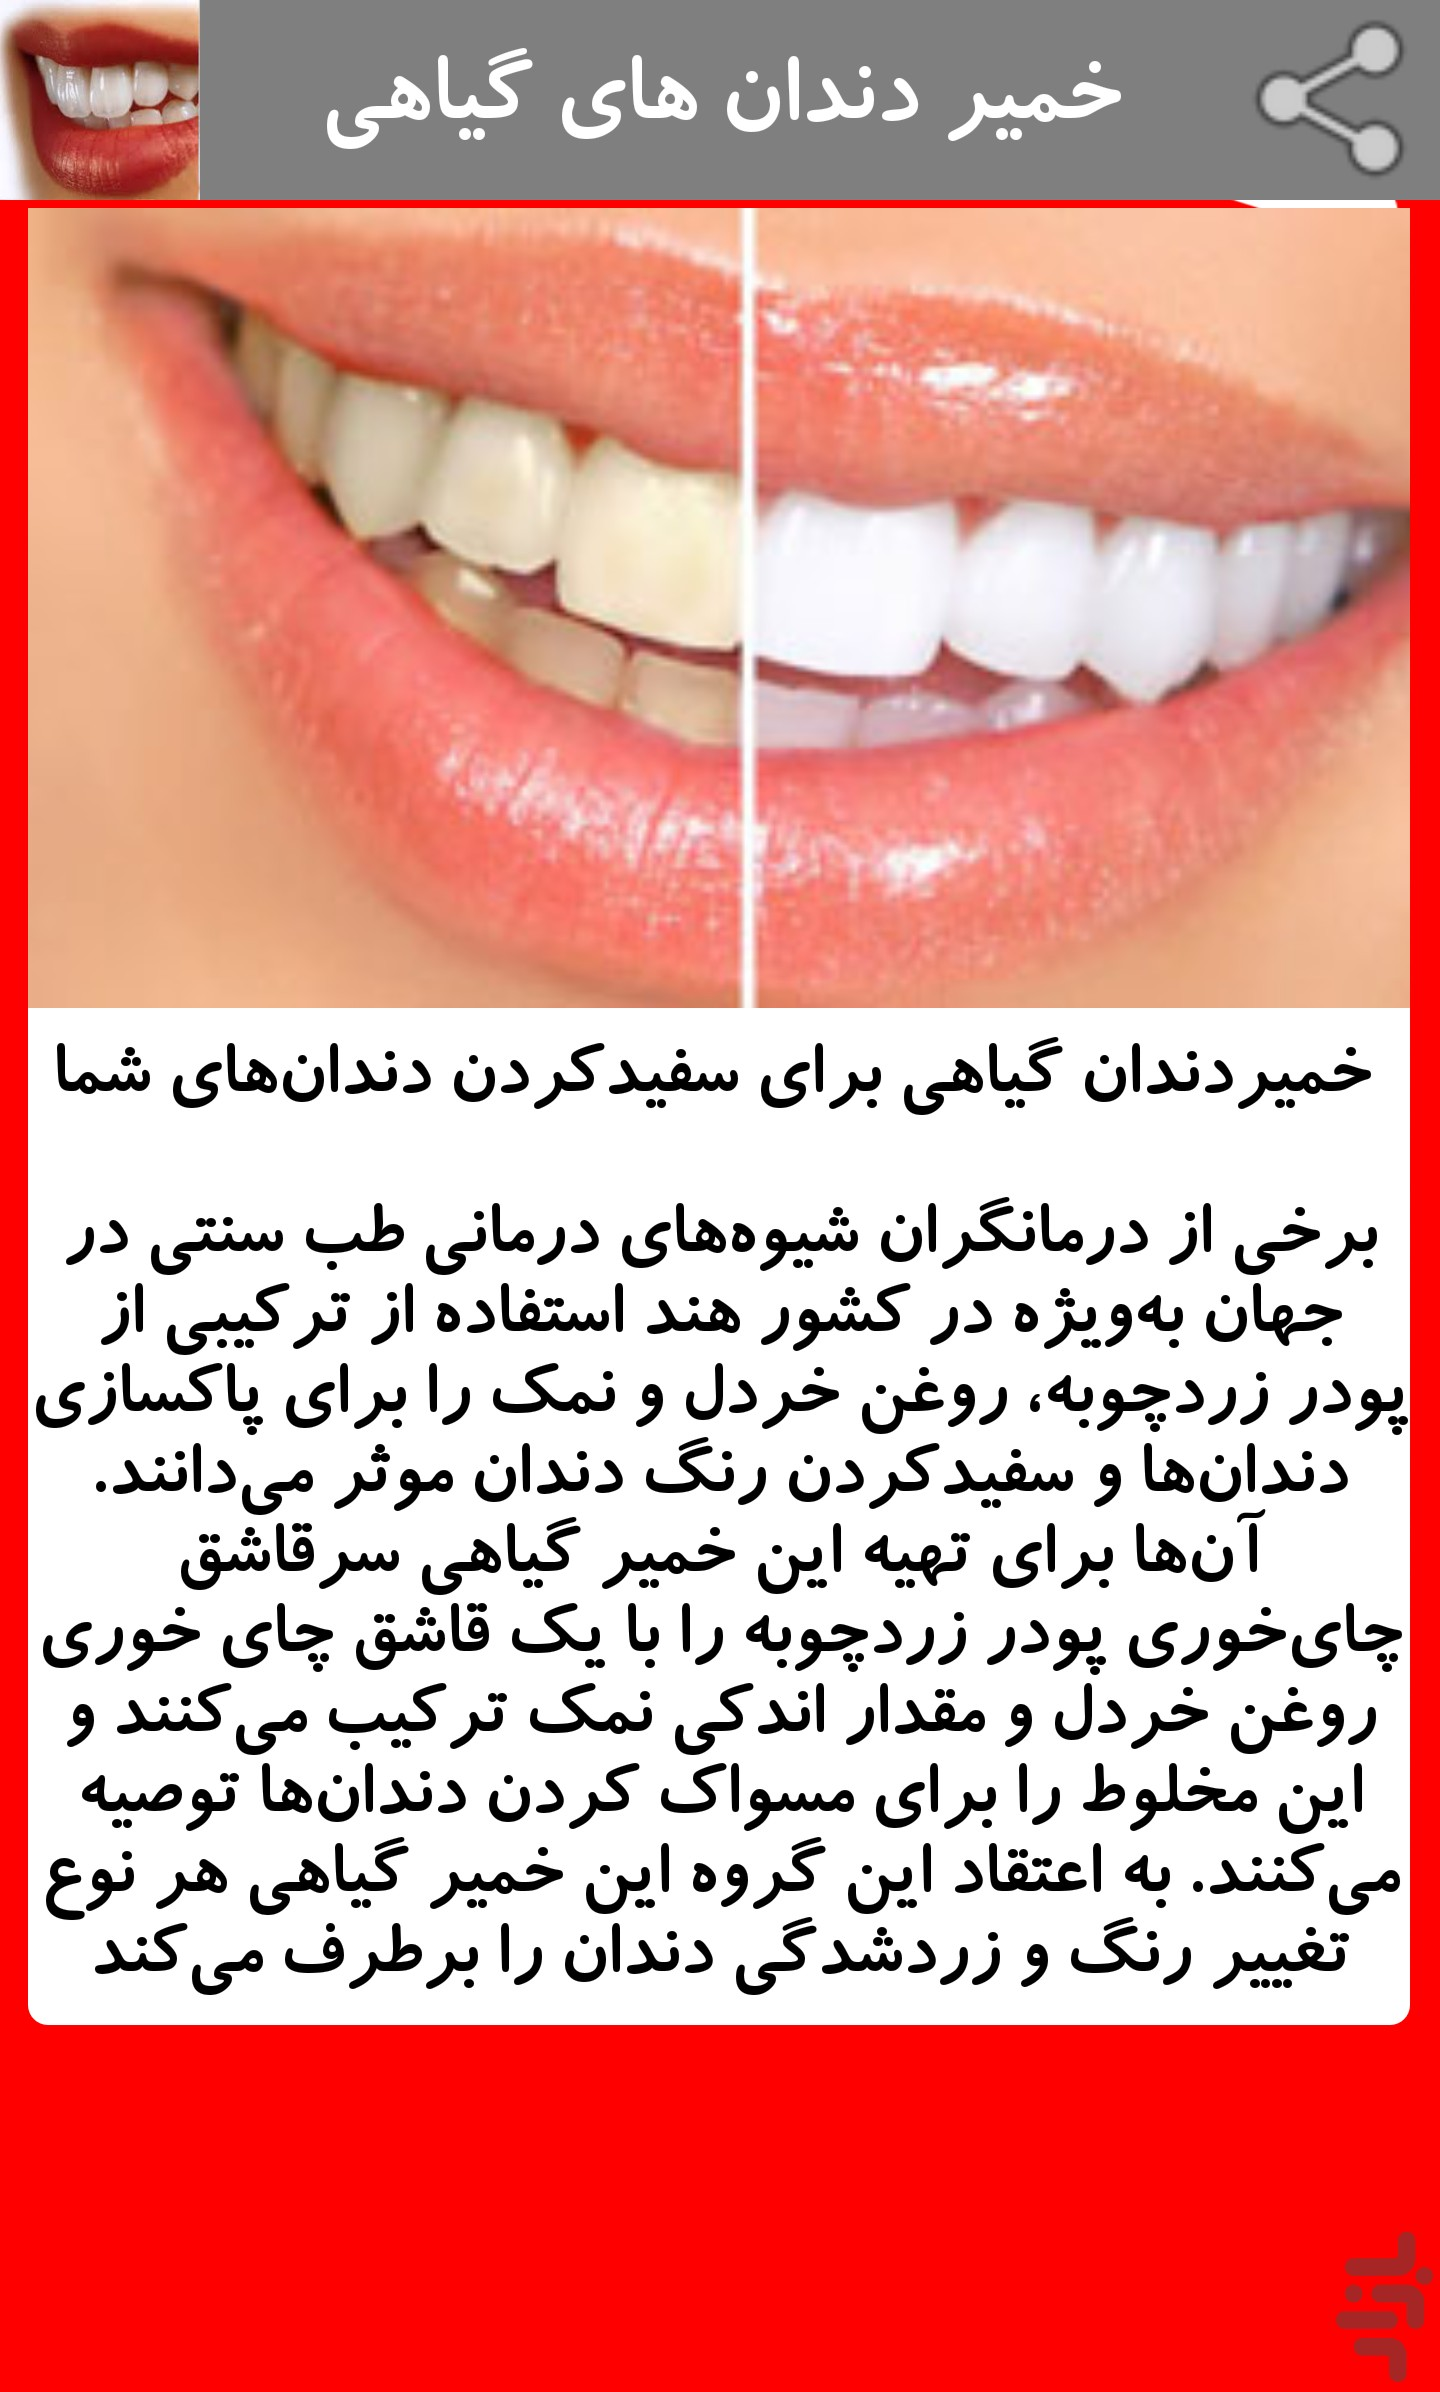 راه های سفیدی دندان